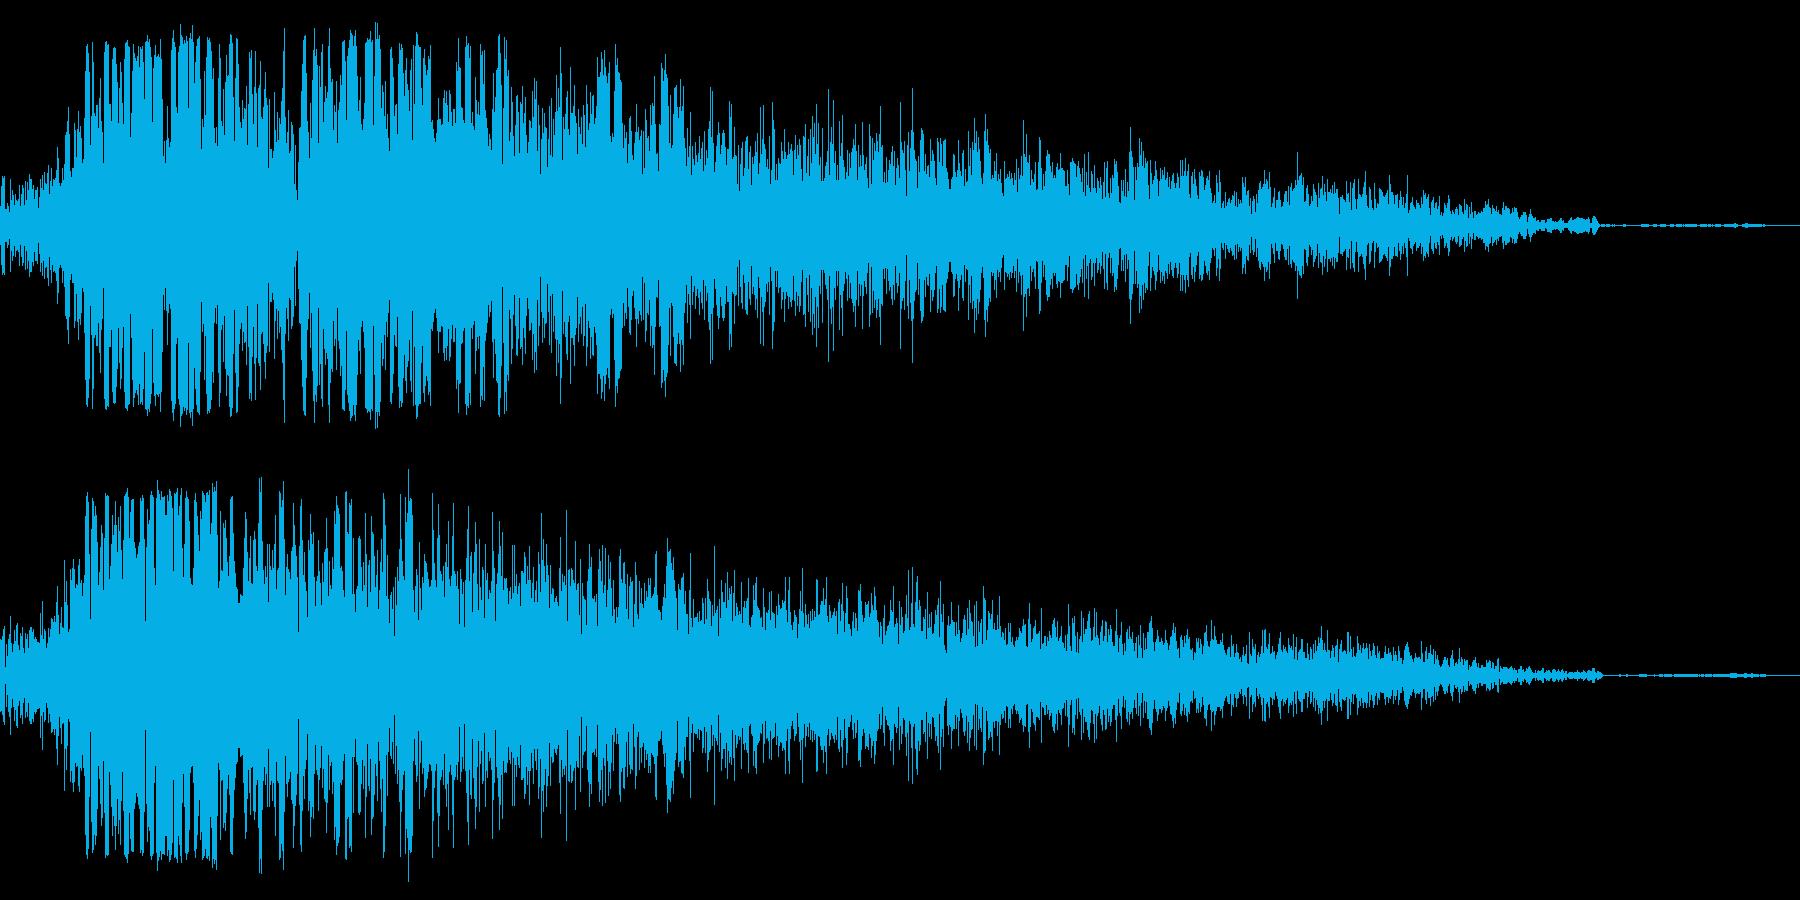 タックルの再生済みの波形